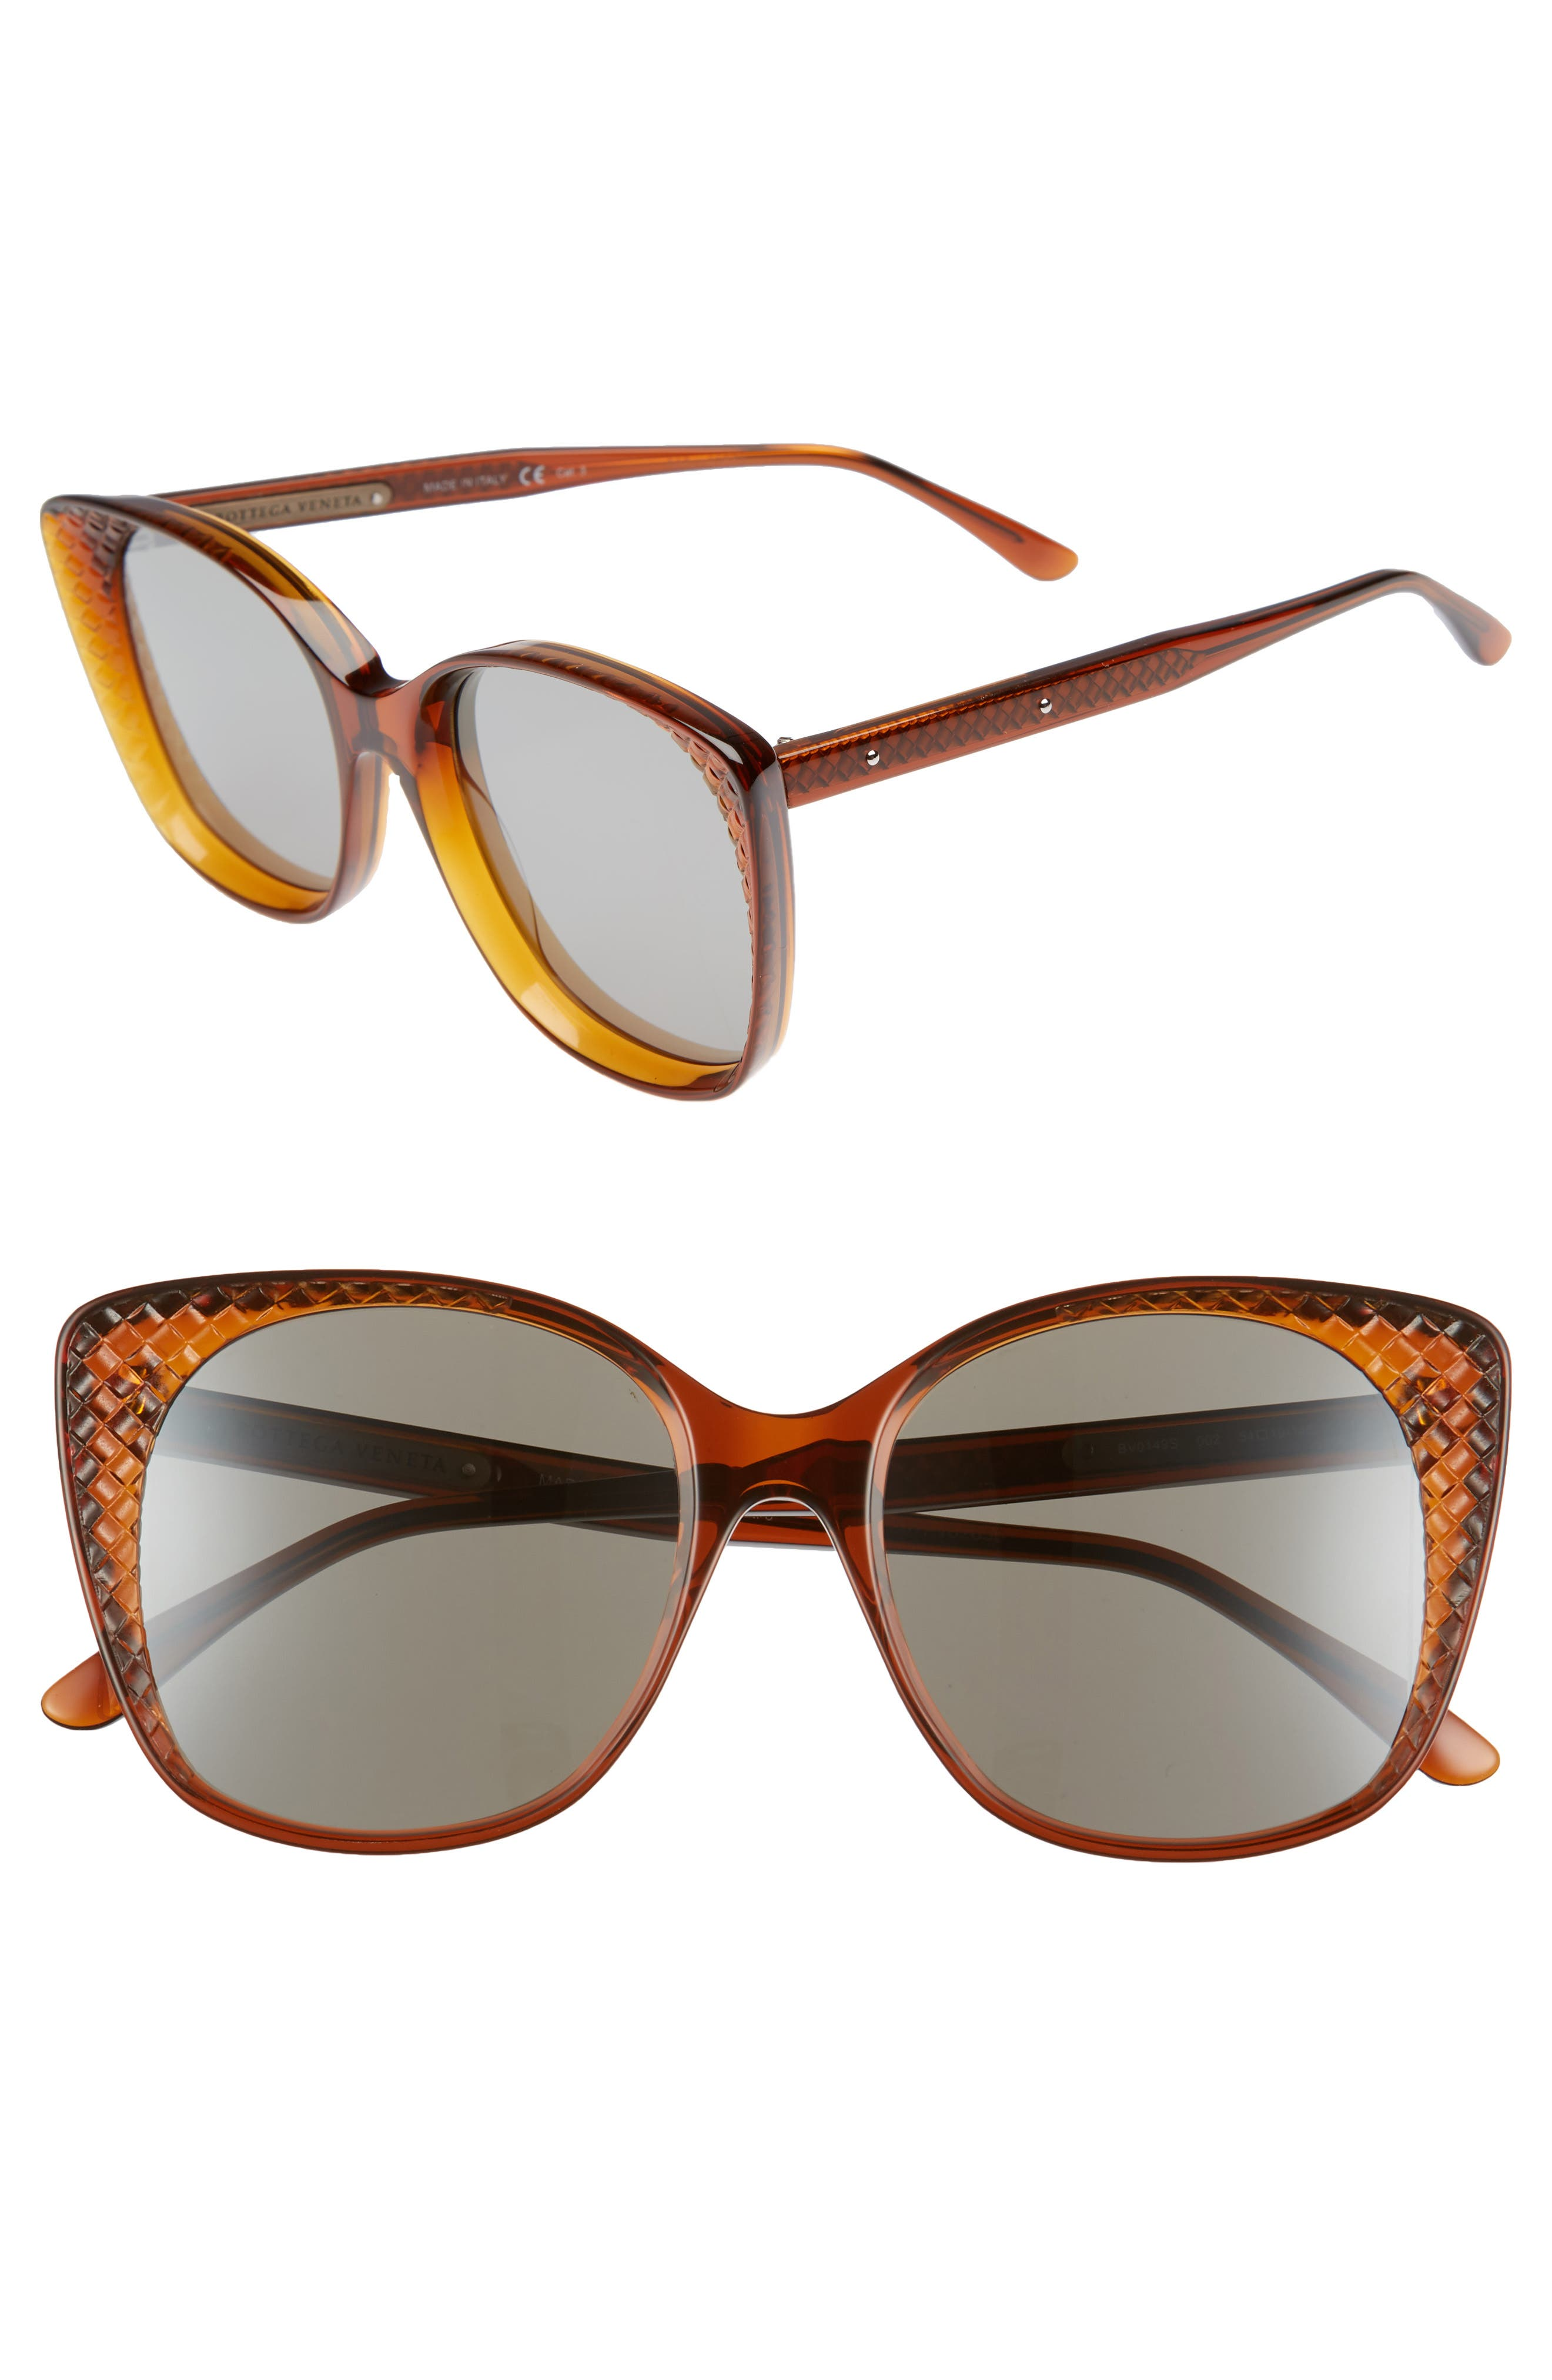 Bottega Veneta 54mm Sunglasses